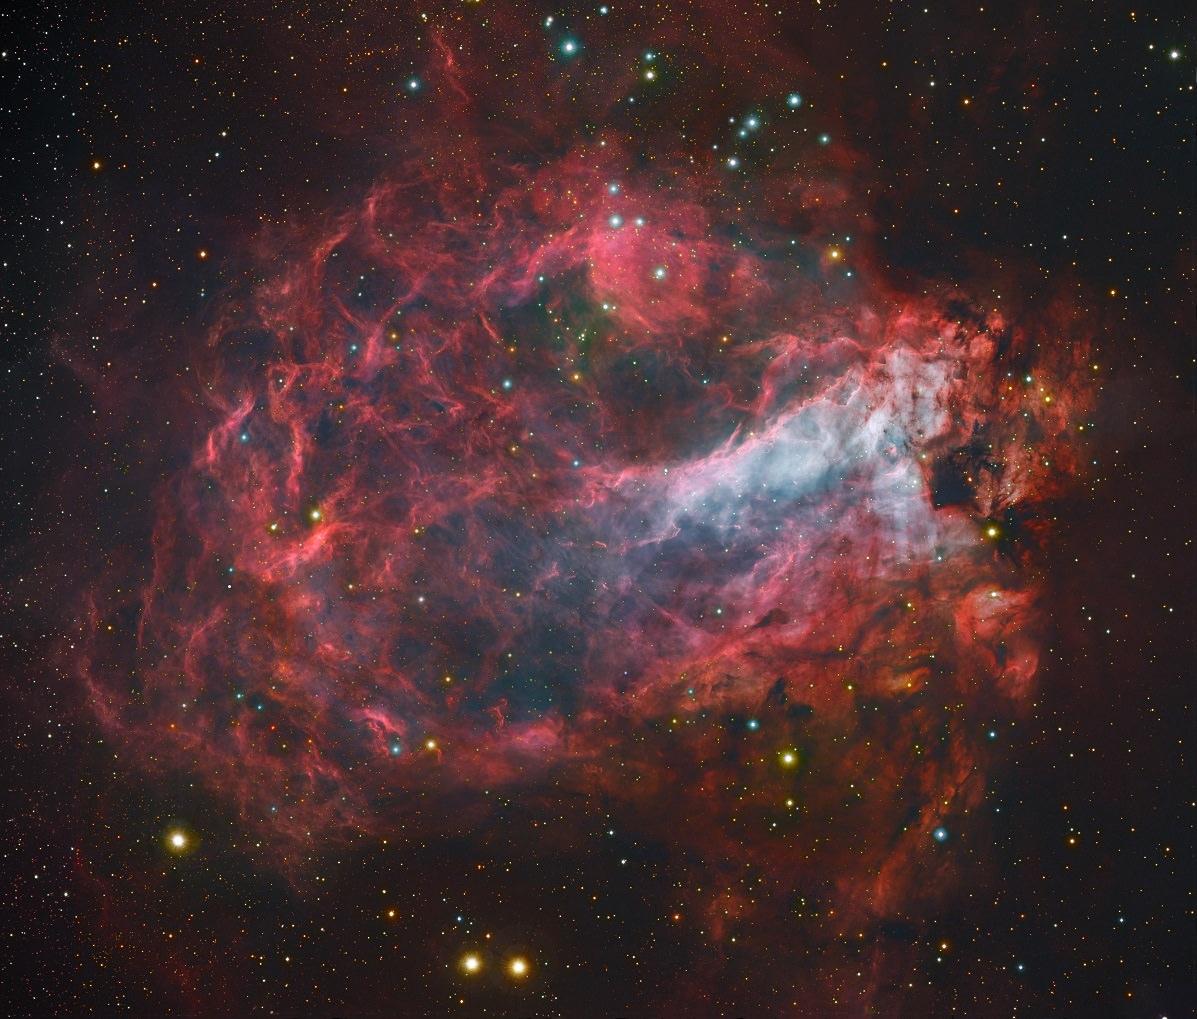 omega nebula nasa - photo #2